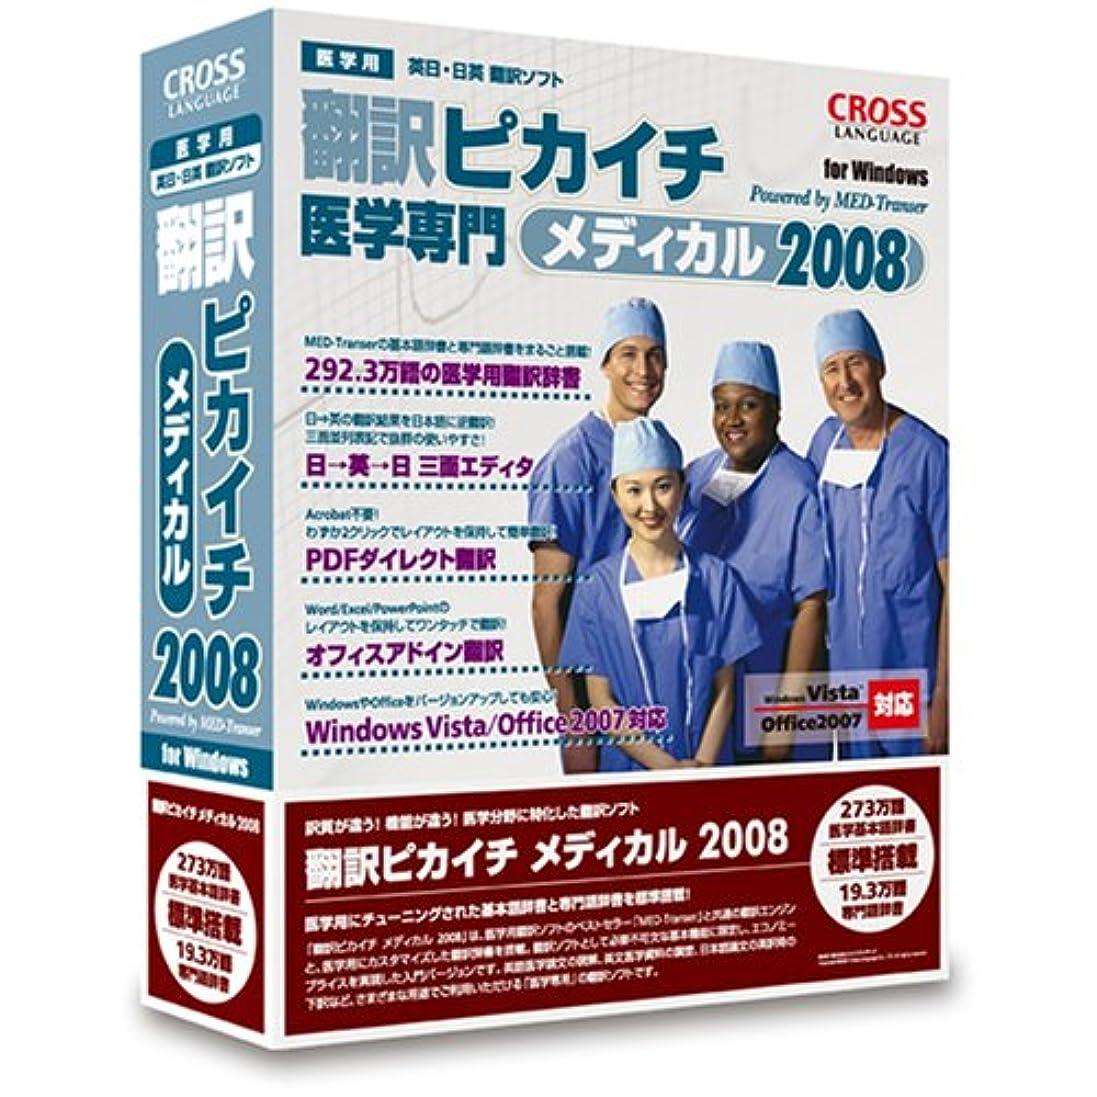 クラッチオーバードロースポークスマン翻訳ピカイチ メディカル 2008 for Windows